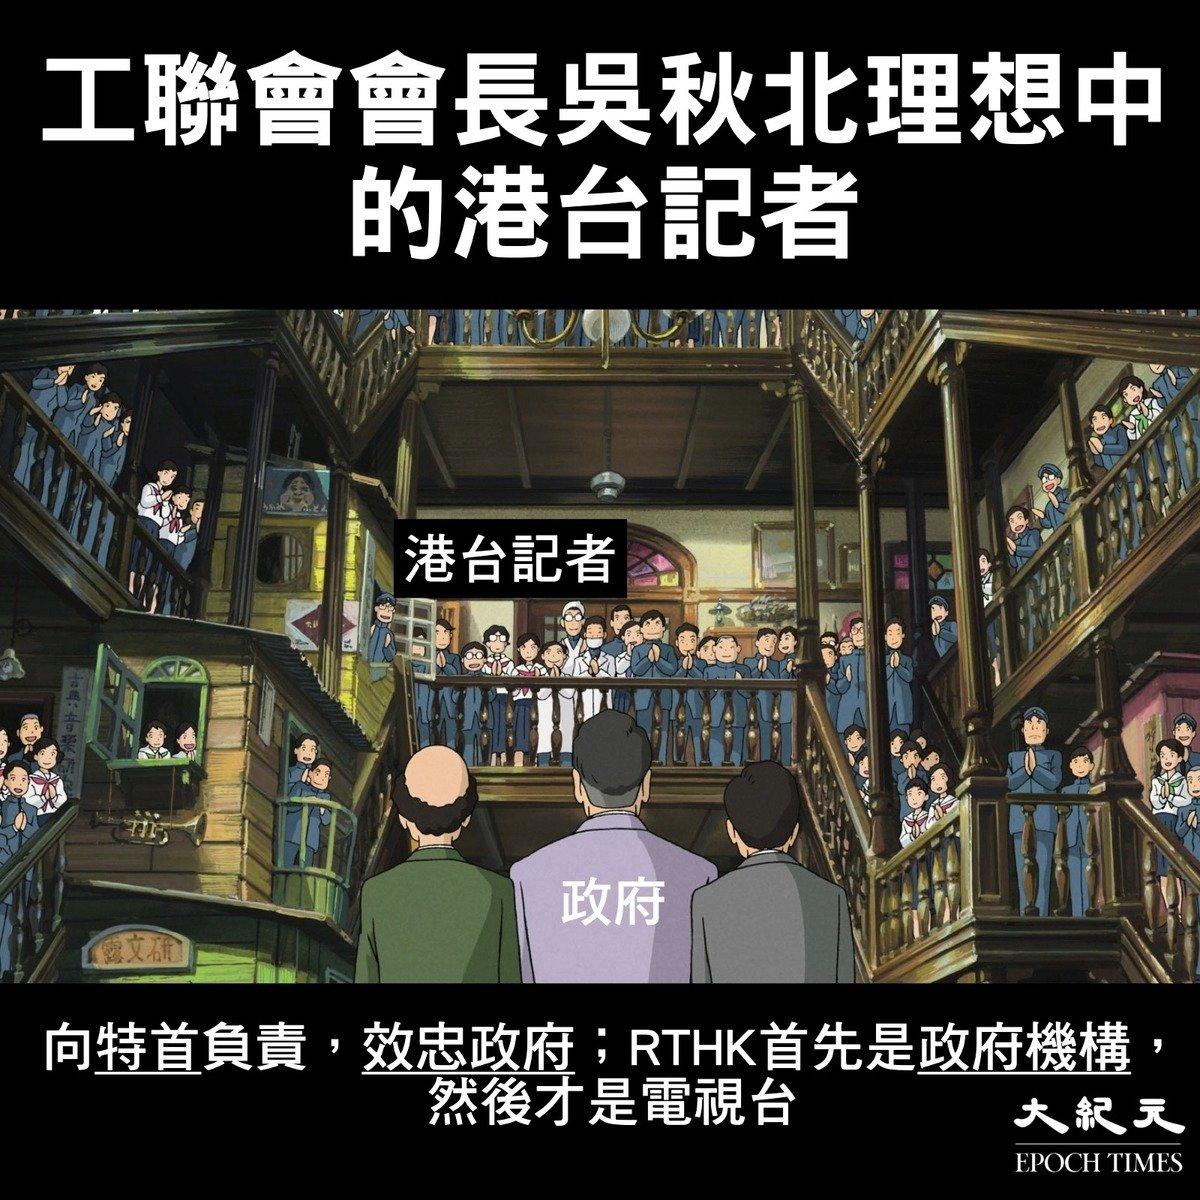 工聯會會長吳秋北公開抨擊利君雅。(大紀元合成圖片)